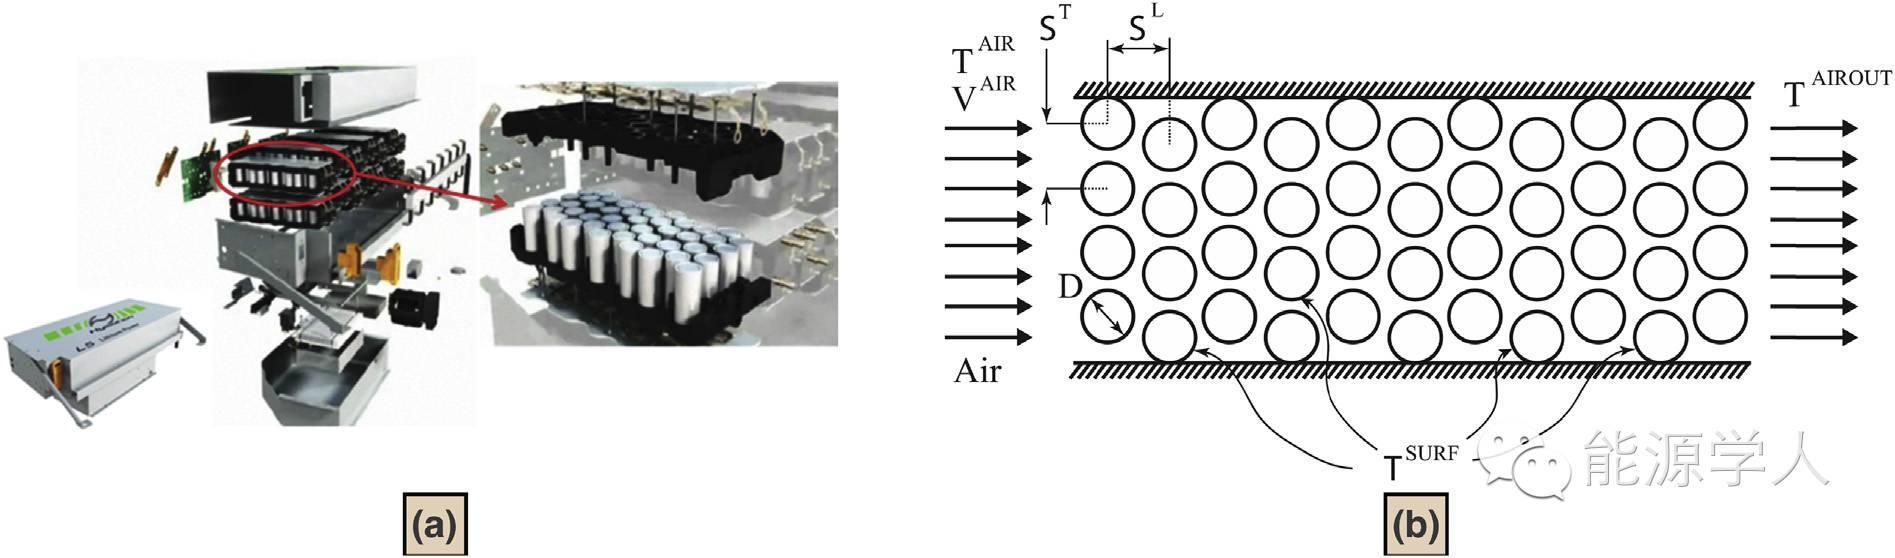 插电混合动力汽车|热管理系统、行驶条件和区域气候对LiFePO4电池寿命的影响